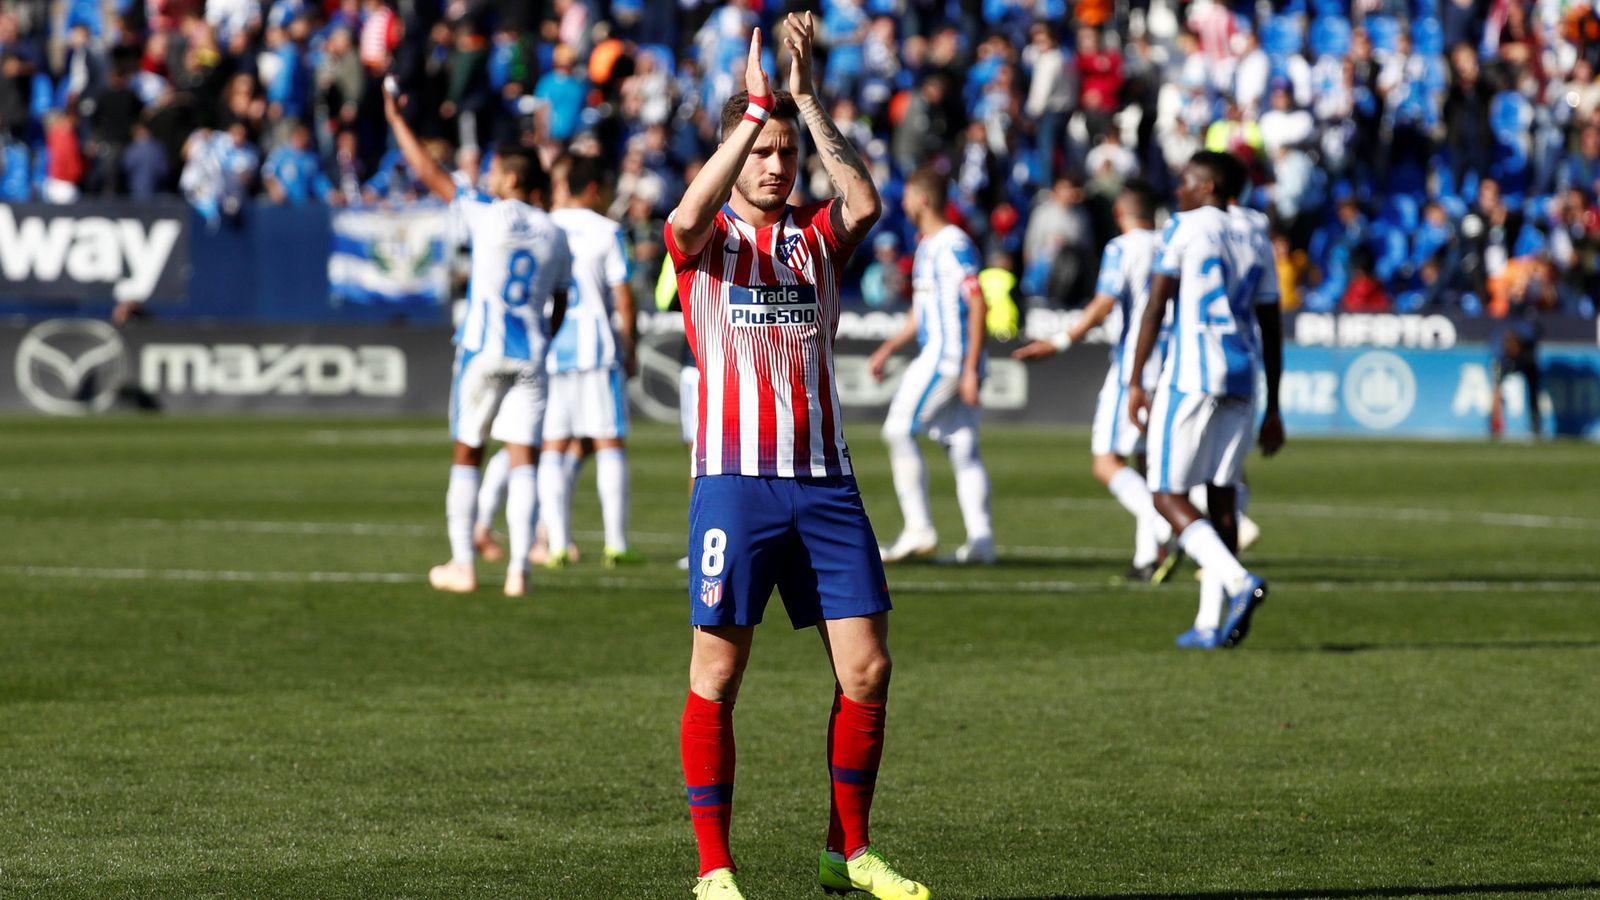 Foto: Saúl en Butarque tras el partido contra el Leganés que acabó en empate. (Efe)